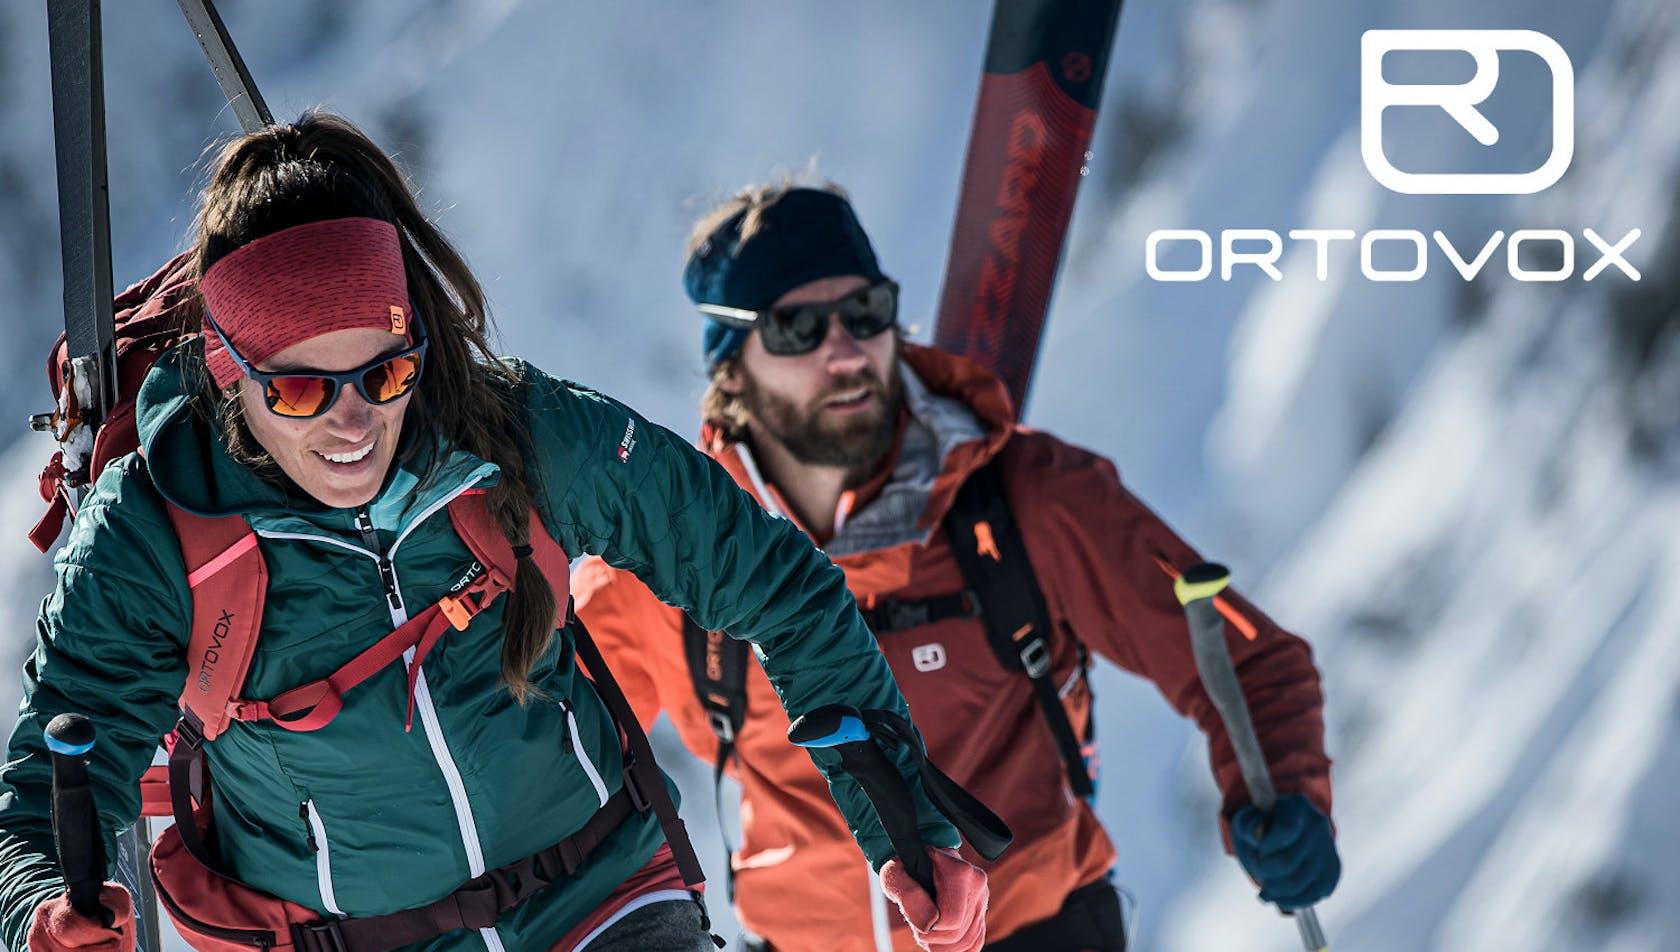 Attrezzatura Ortovox SPORTLER Shop Online